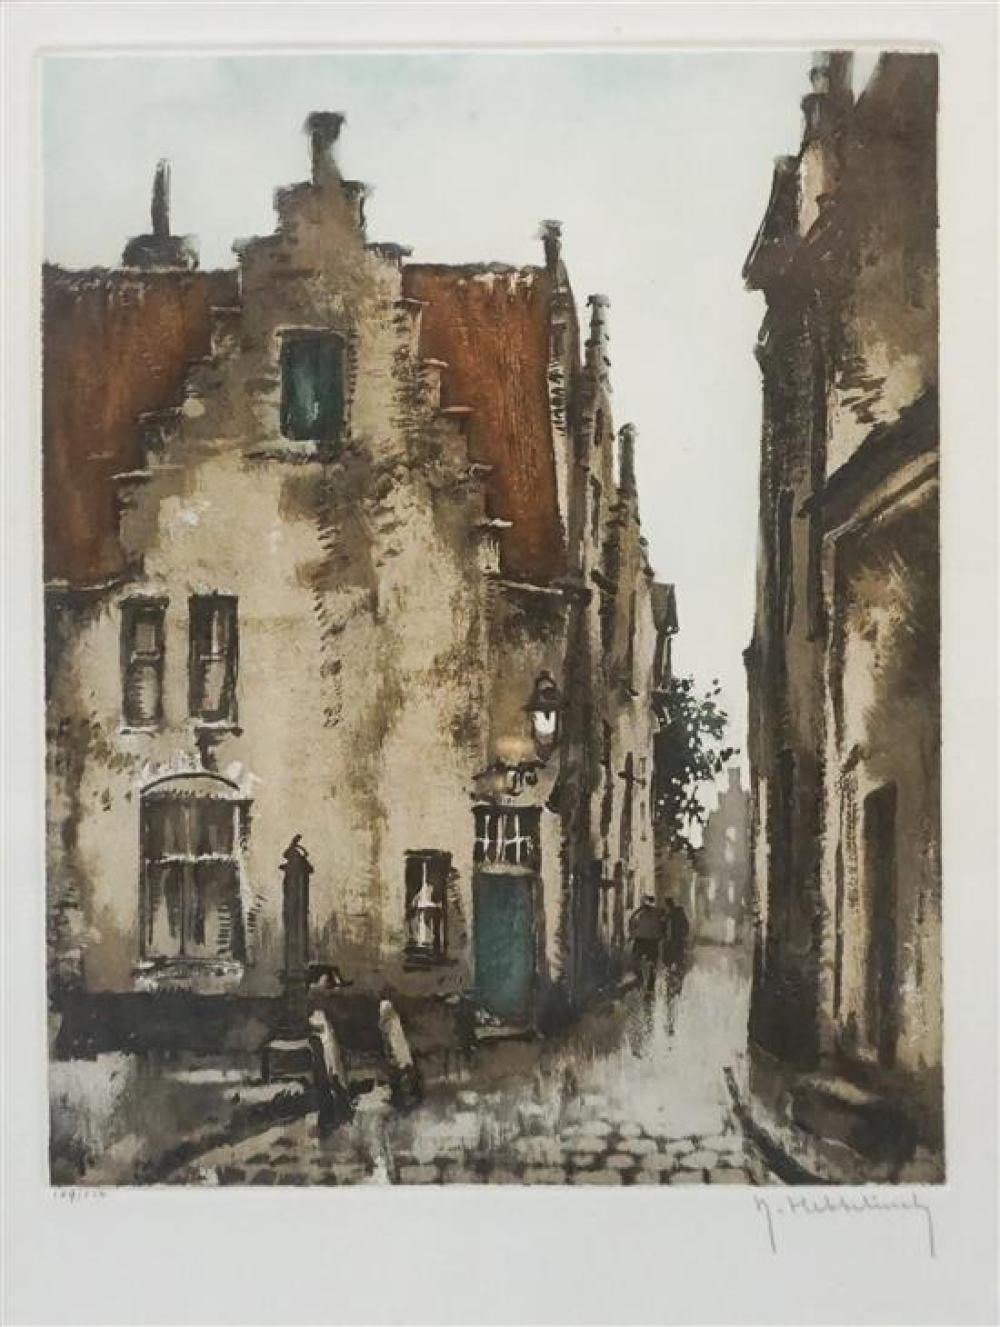 Roger Hebbelinck (Beligian b 1912), City Street, Color Etching, numbered 109/210, Frame: 17 x 14 in